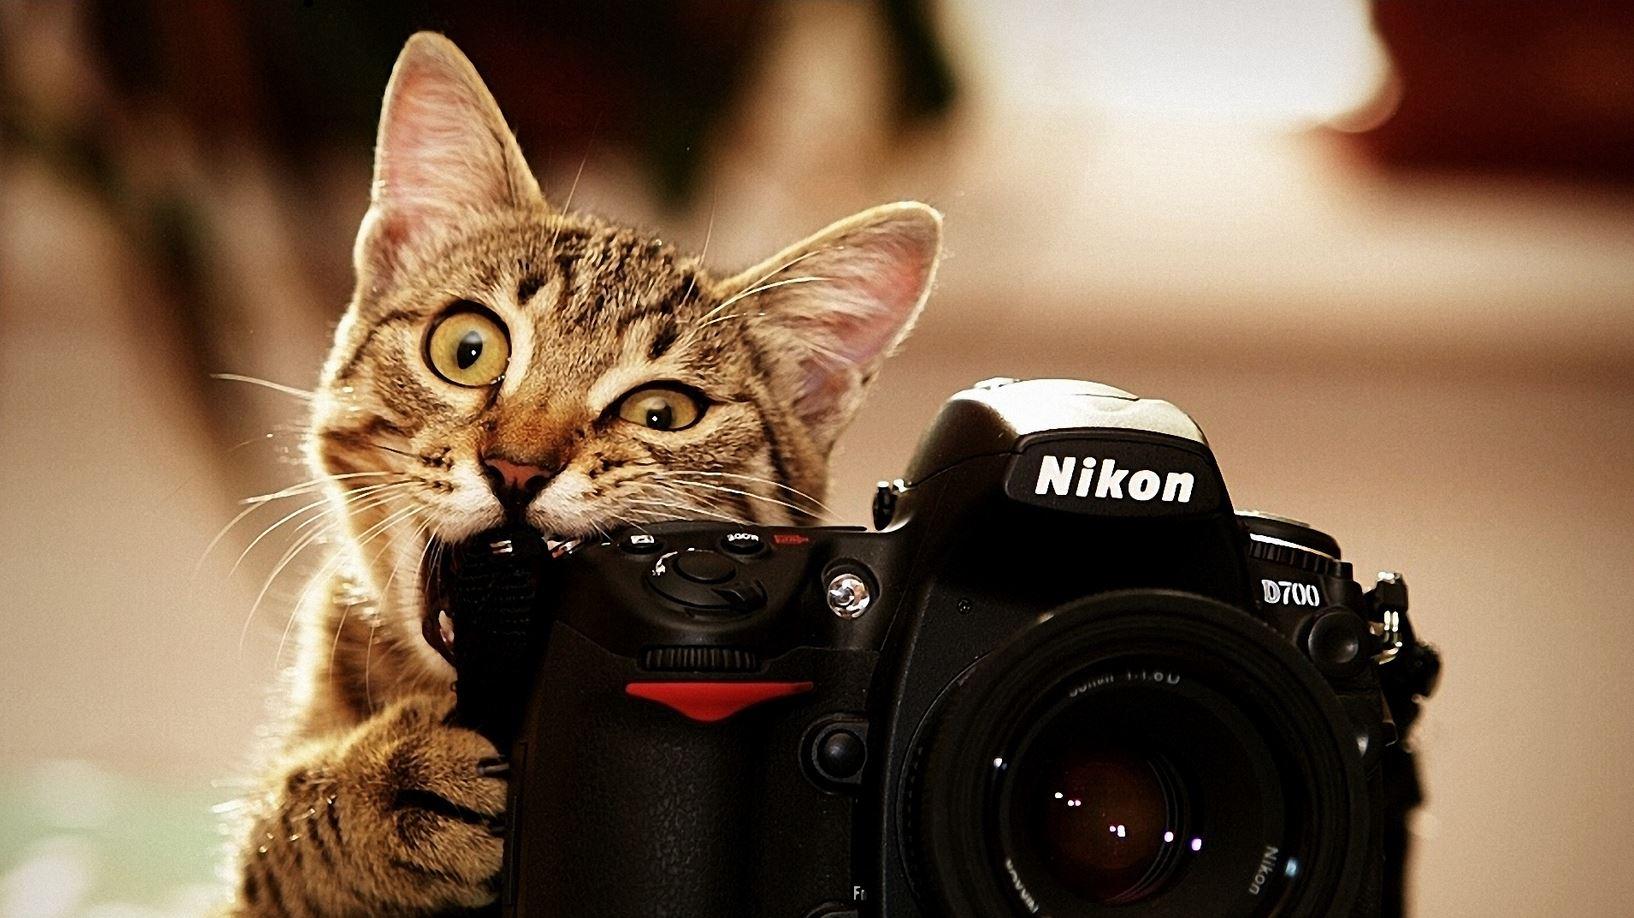 Le chat qui mort dans un appareil photo Nikon